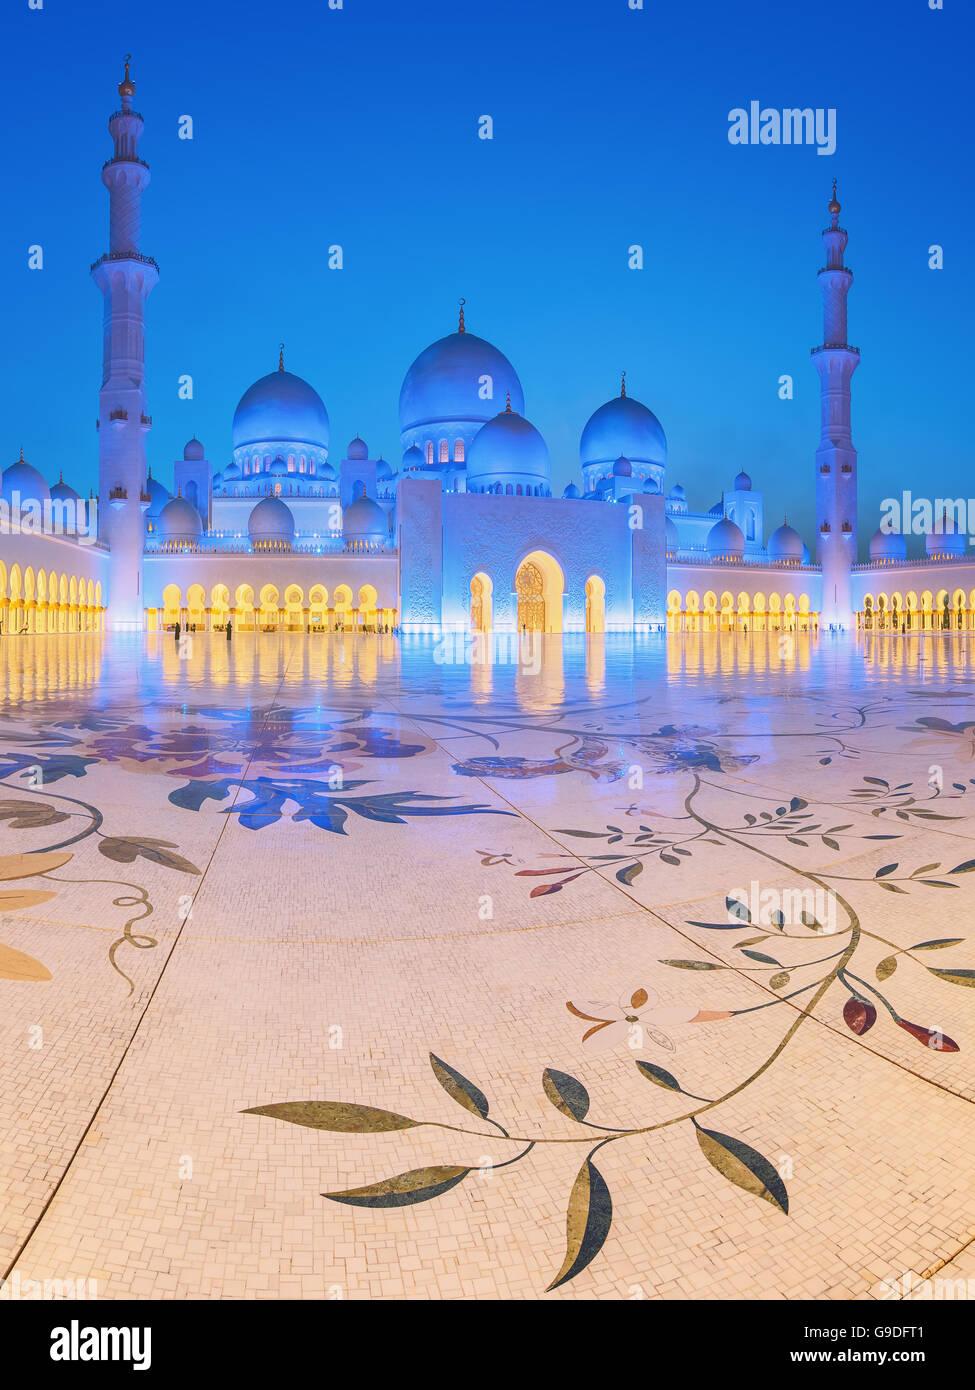 Sheikh Zayed Grand Moschee in der Abenddämmerung, Abu Dhabi, Vereinigte Arabische Emirate Stockbild